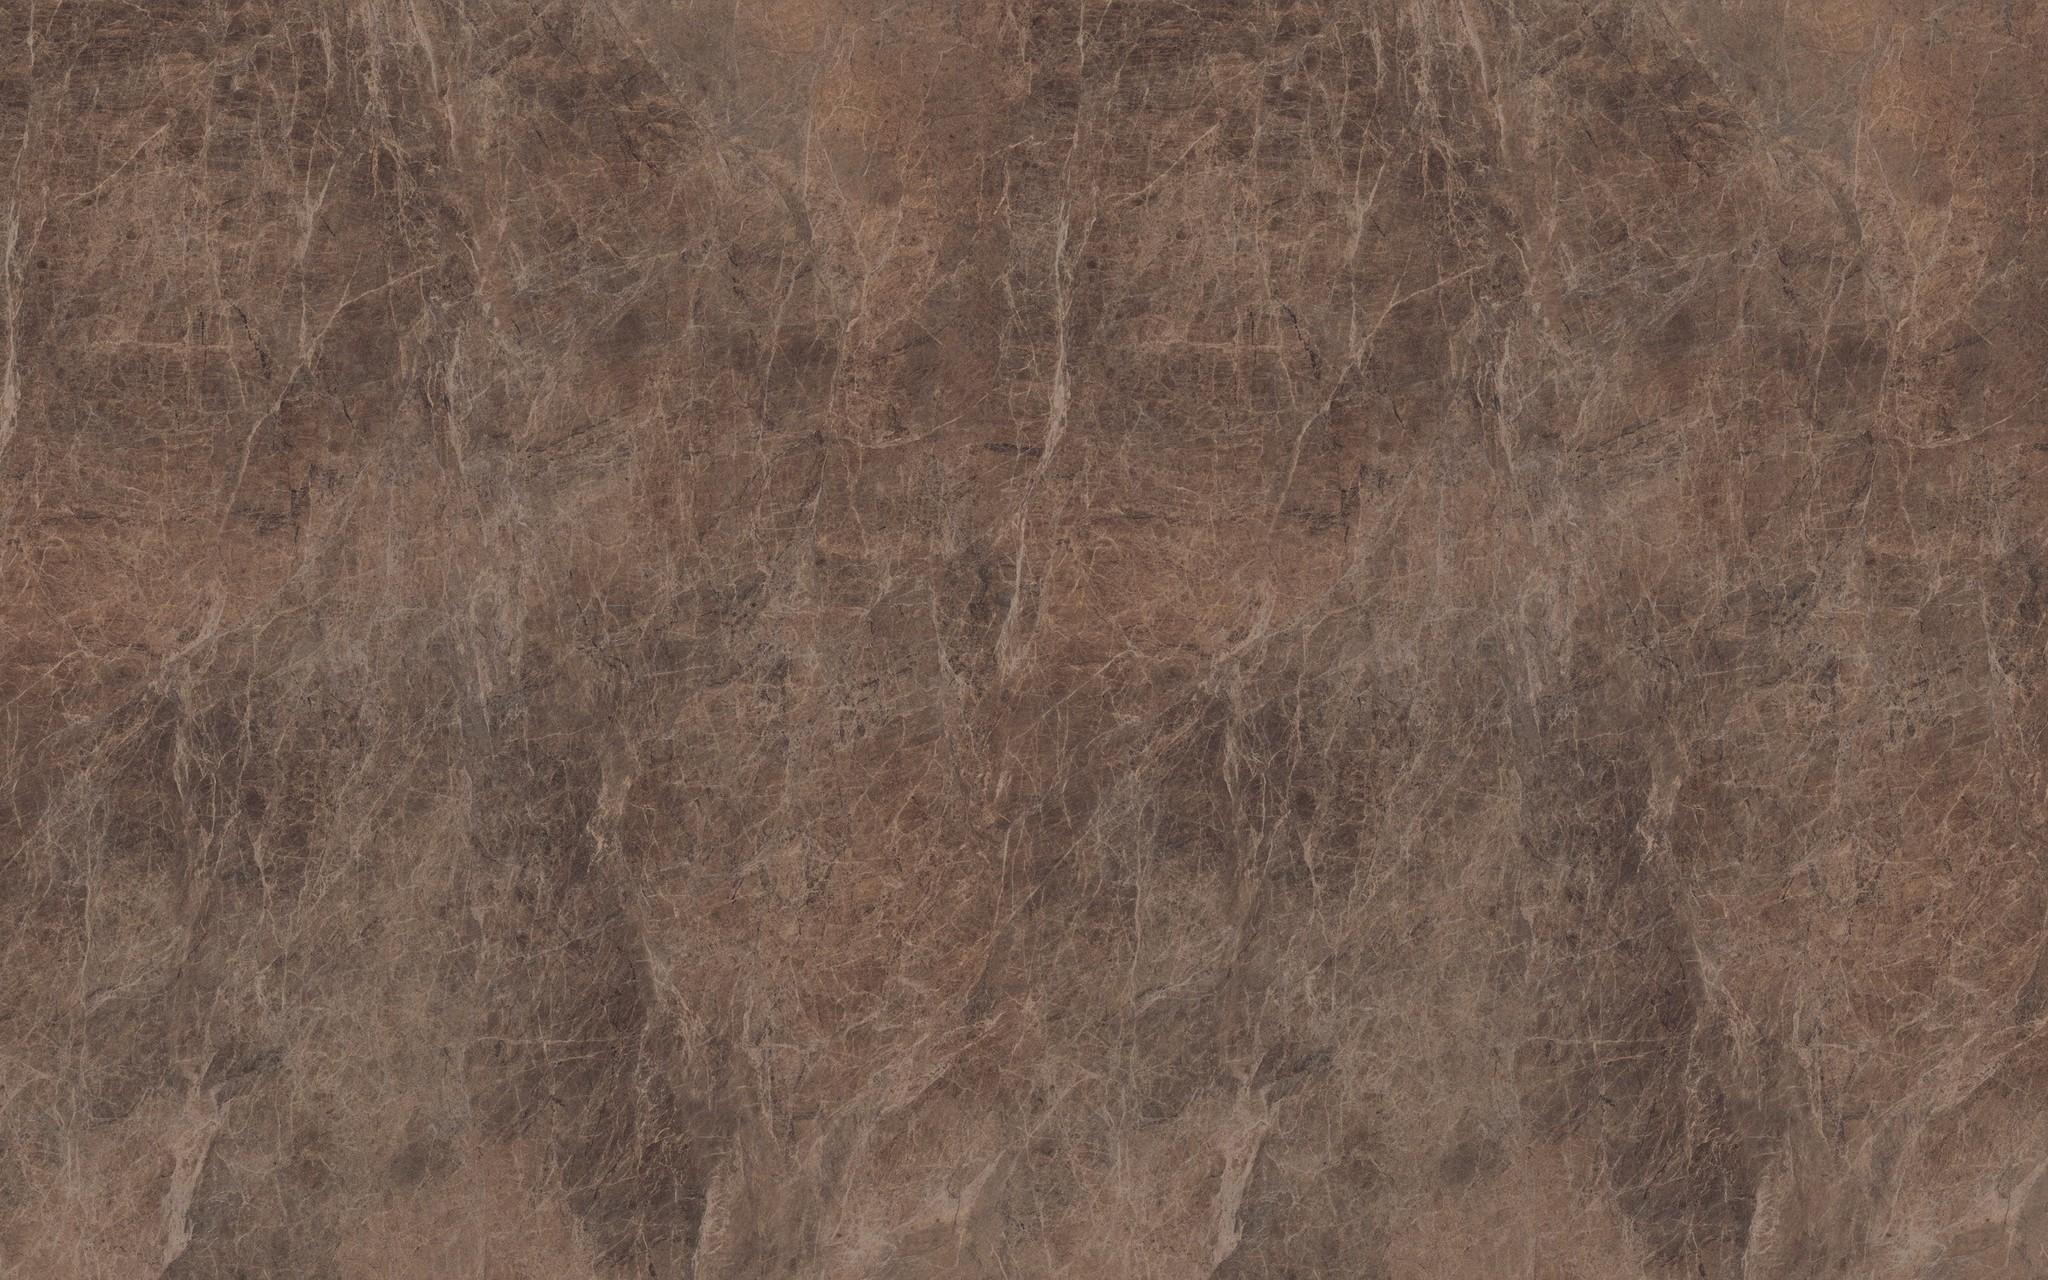 4958 CHOCOLATE BROWN GRANITE